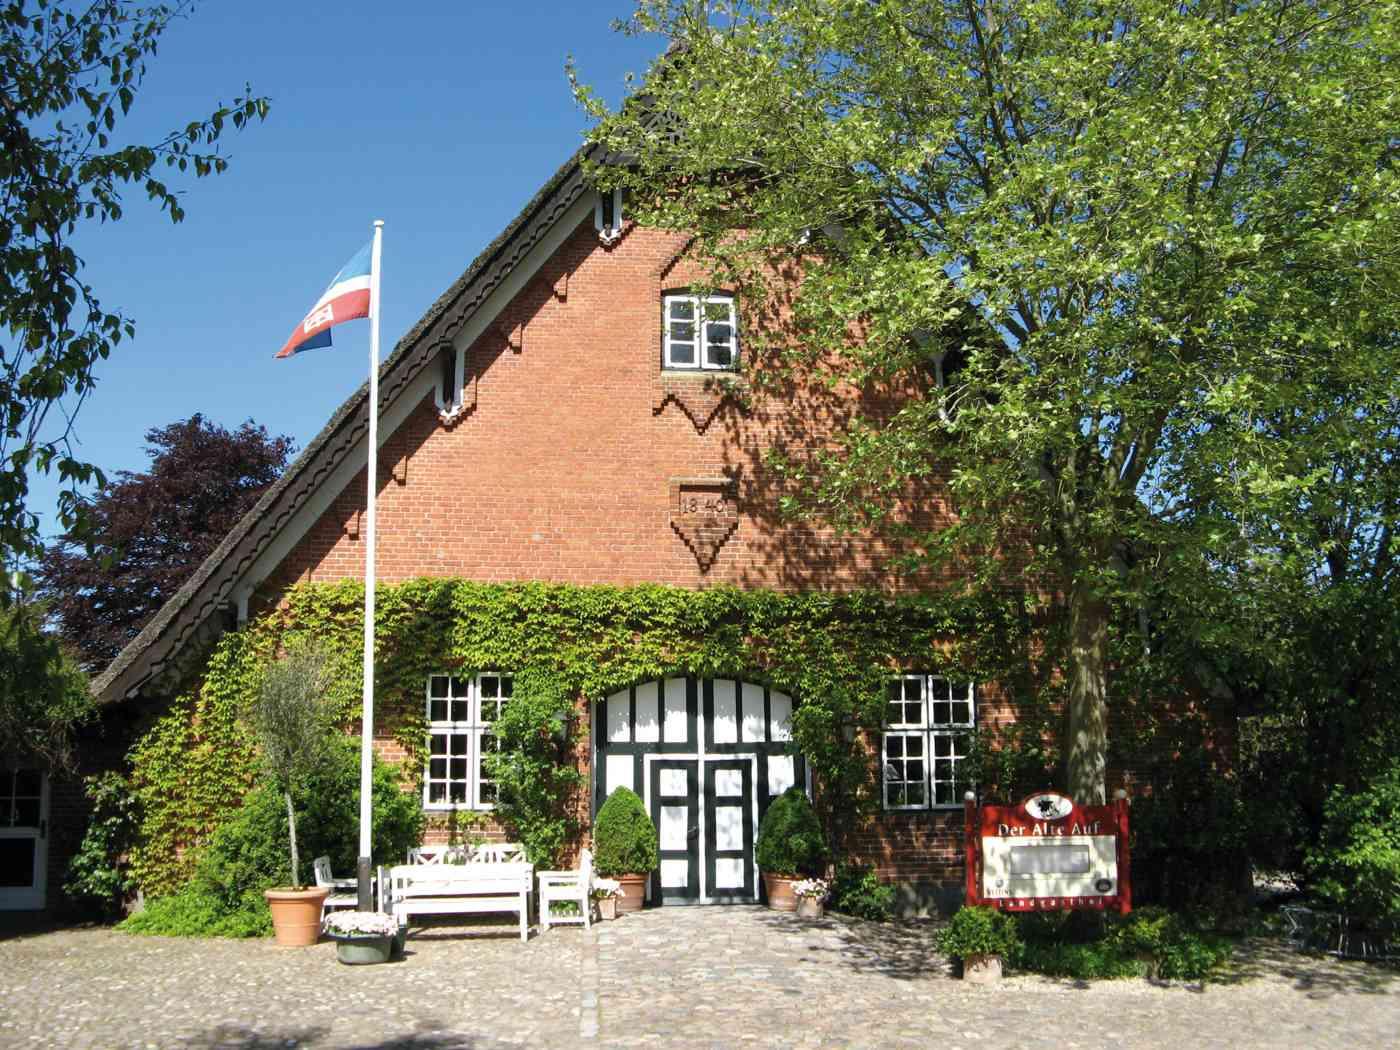 Landgasthof Der Alte Auf Hochzeit feiern in Fiefbergen bei Kiel